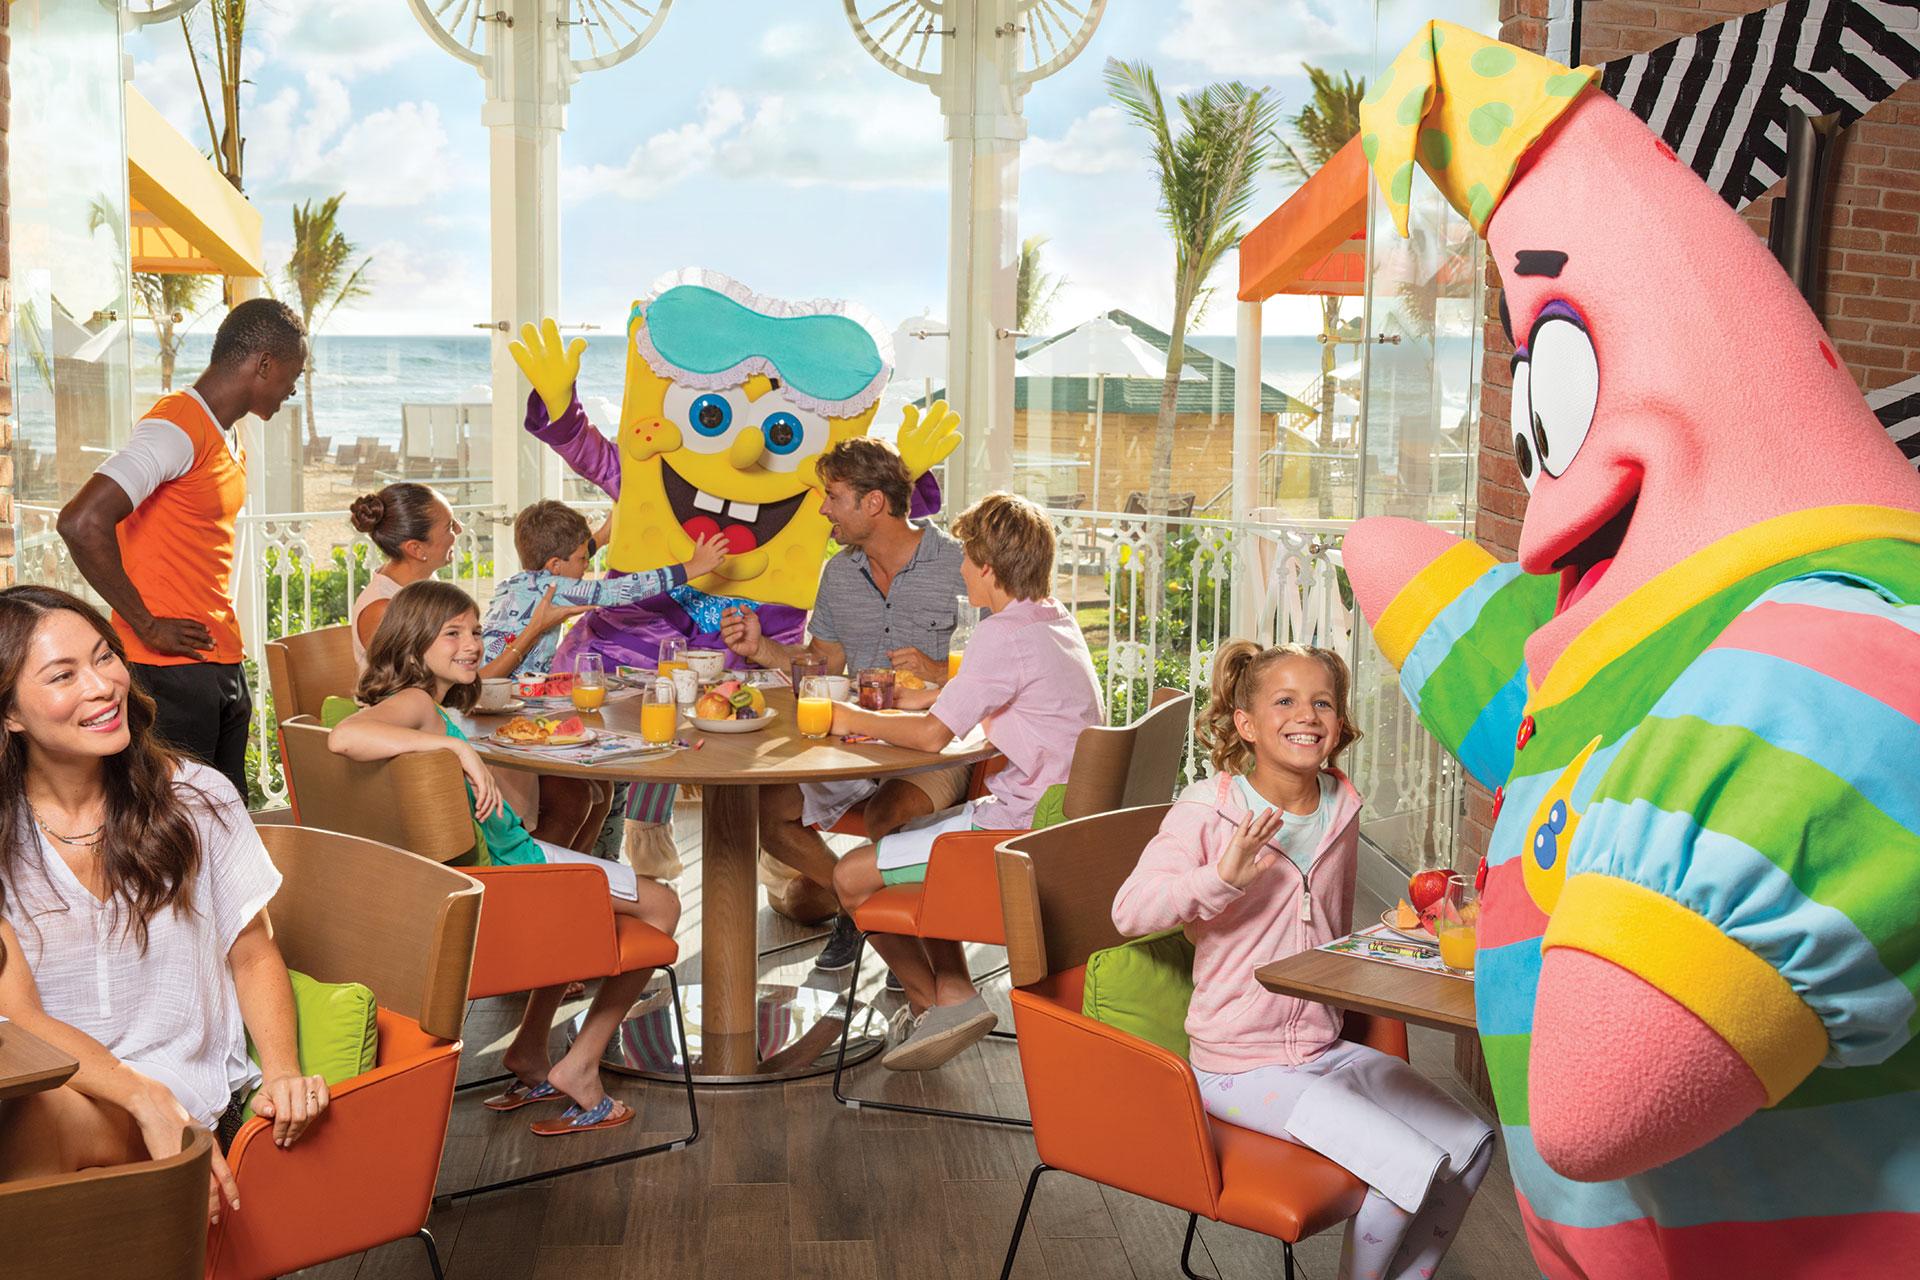 Kids at Character Breakfast at Nickelodeon Hotels & Resorts Punta Cana; Courtesy of Nickelodeon Hotels & Resorts Punta Cana